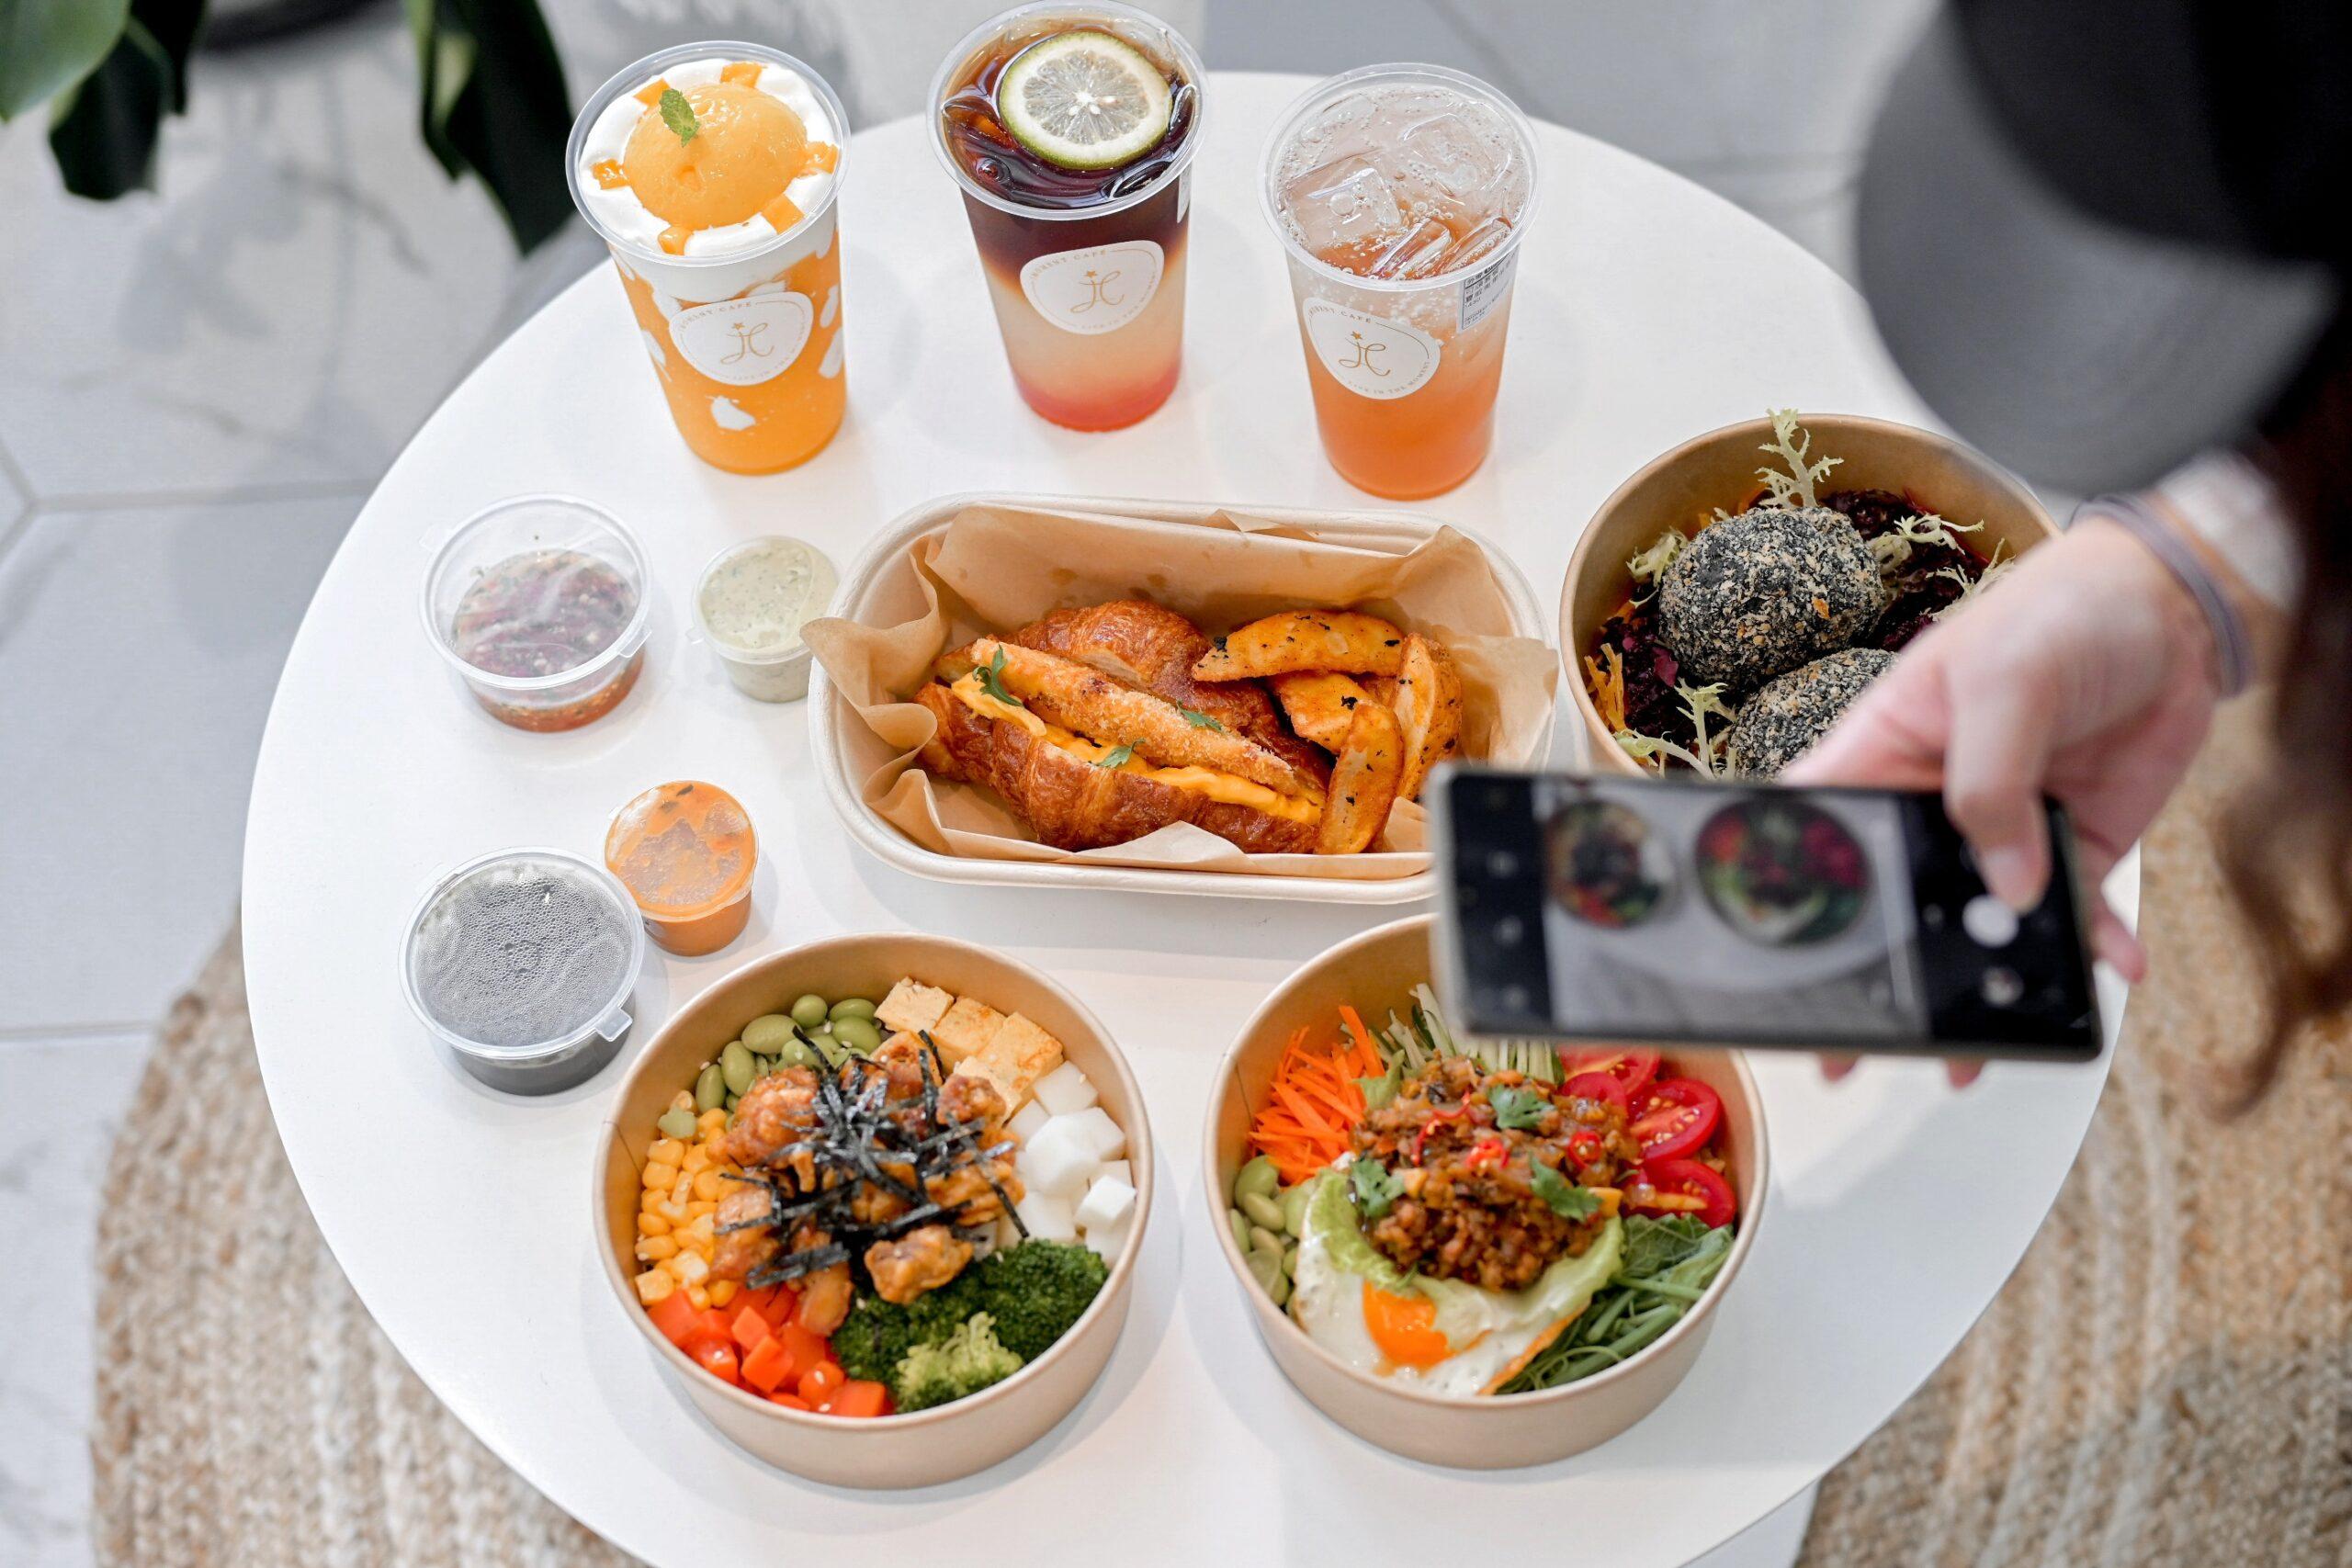 天母外帶美食享當下 IMOMENT CAFÉ :純白時尚空間一秒來到國外,天母仙氣咖啡廳 /台北低碳飲食/菜單 @女子的休假計劃